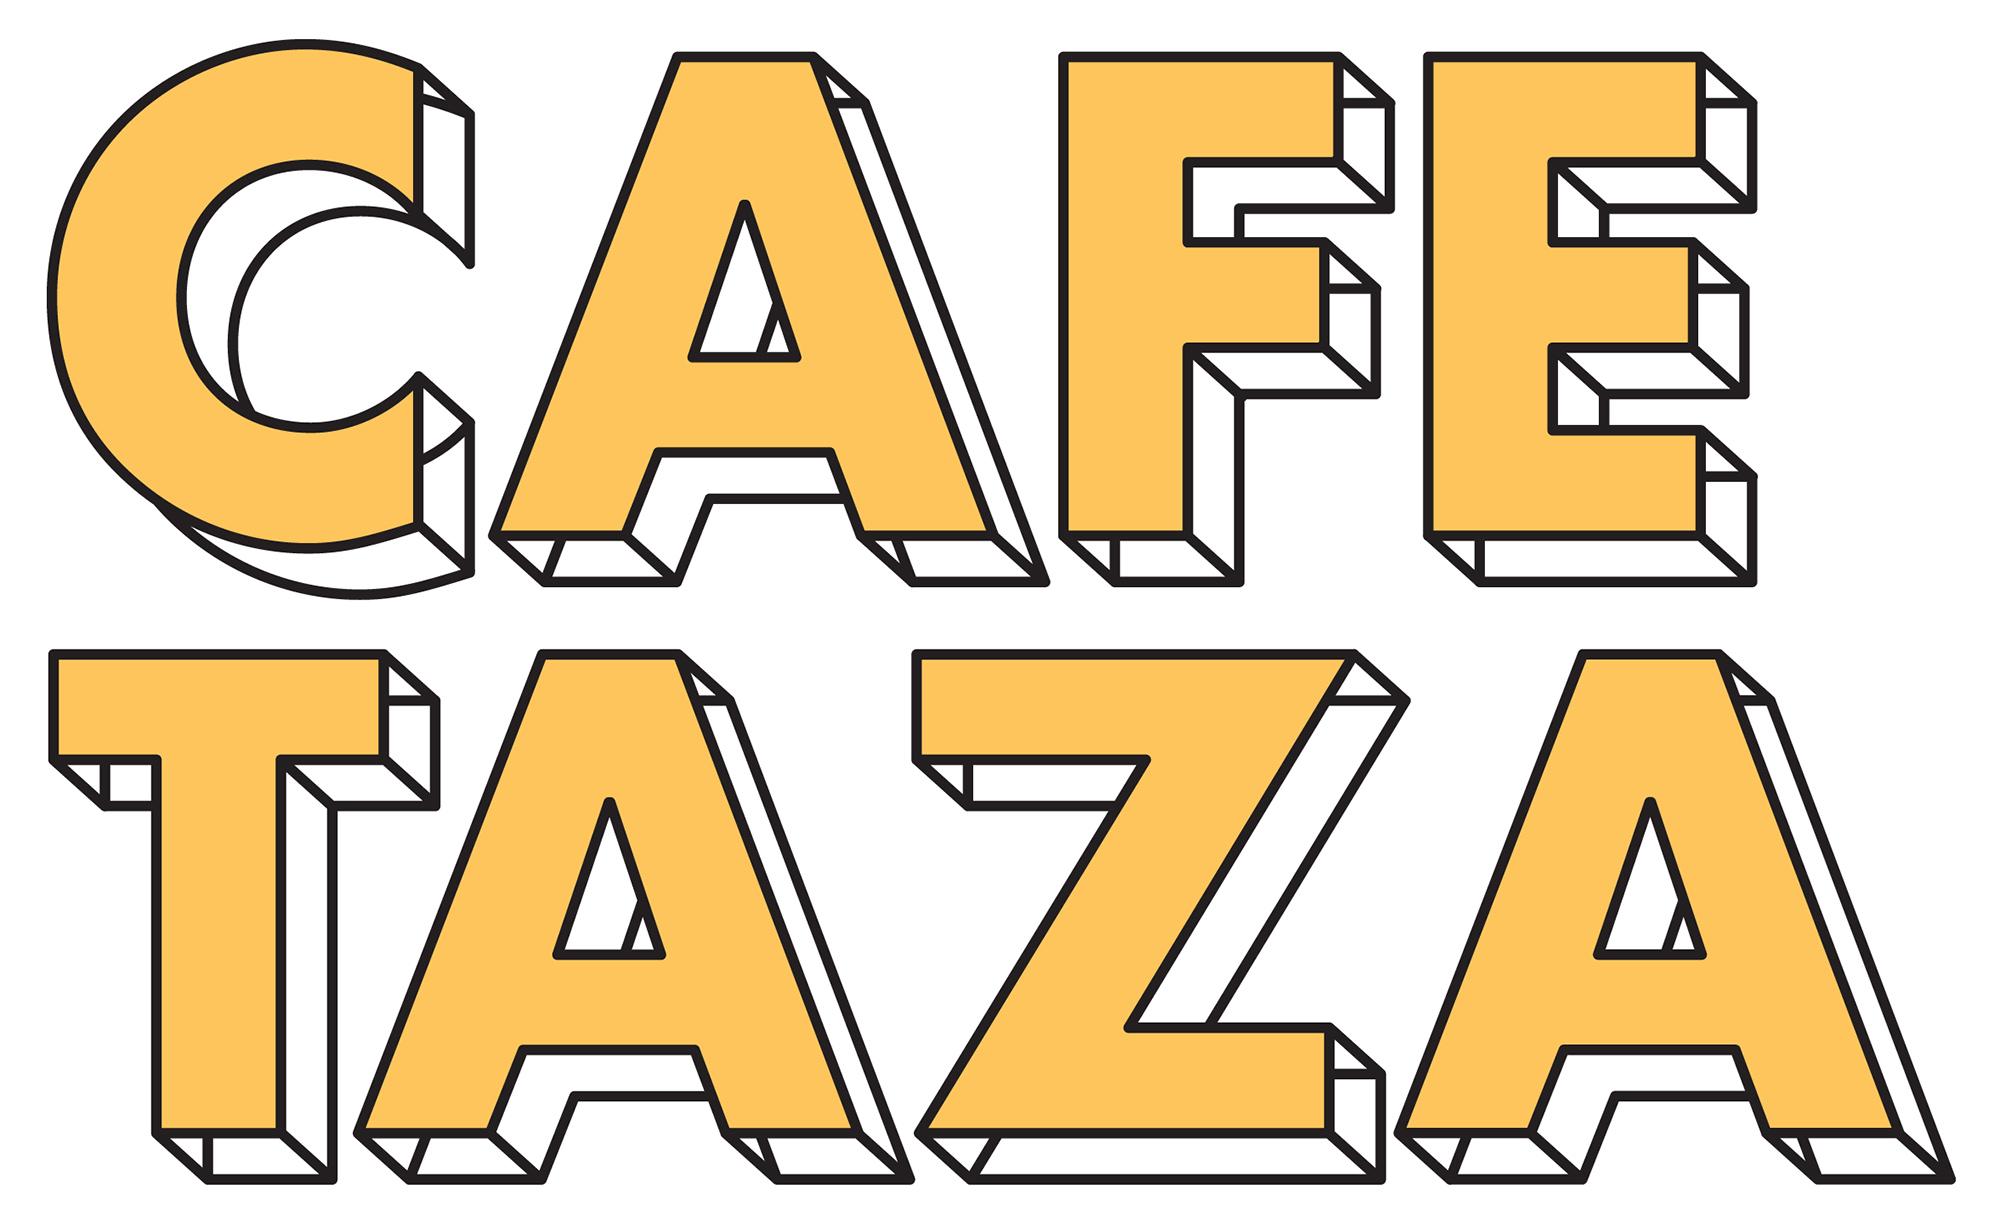 Cafe-Taza-logo-2018.jpg